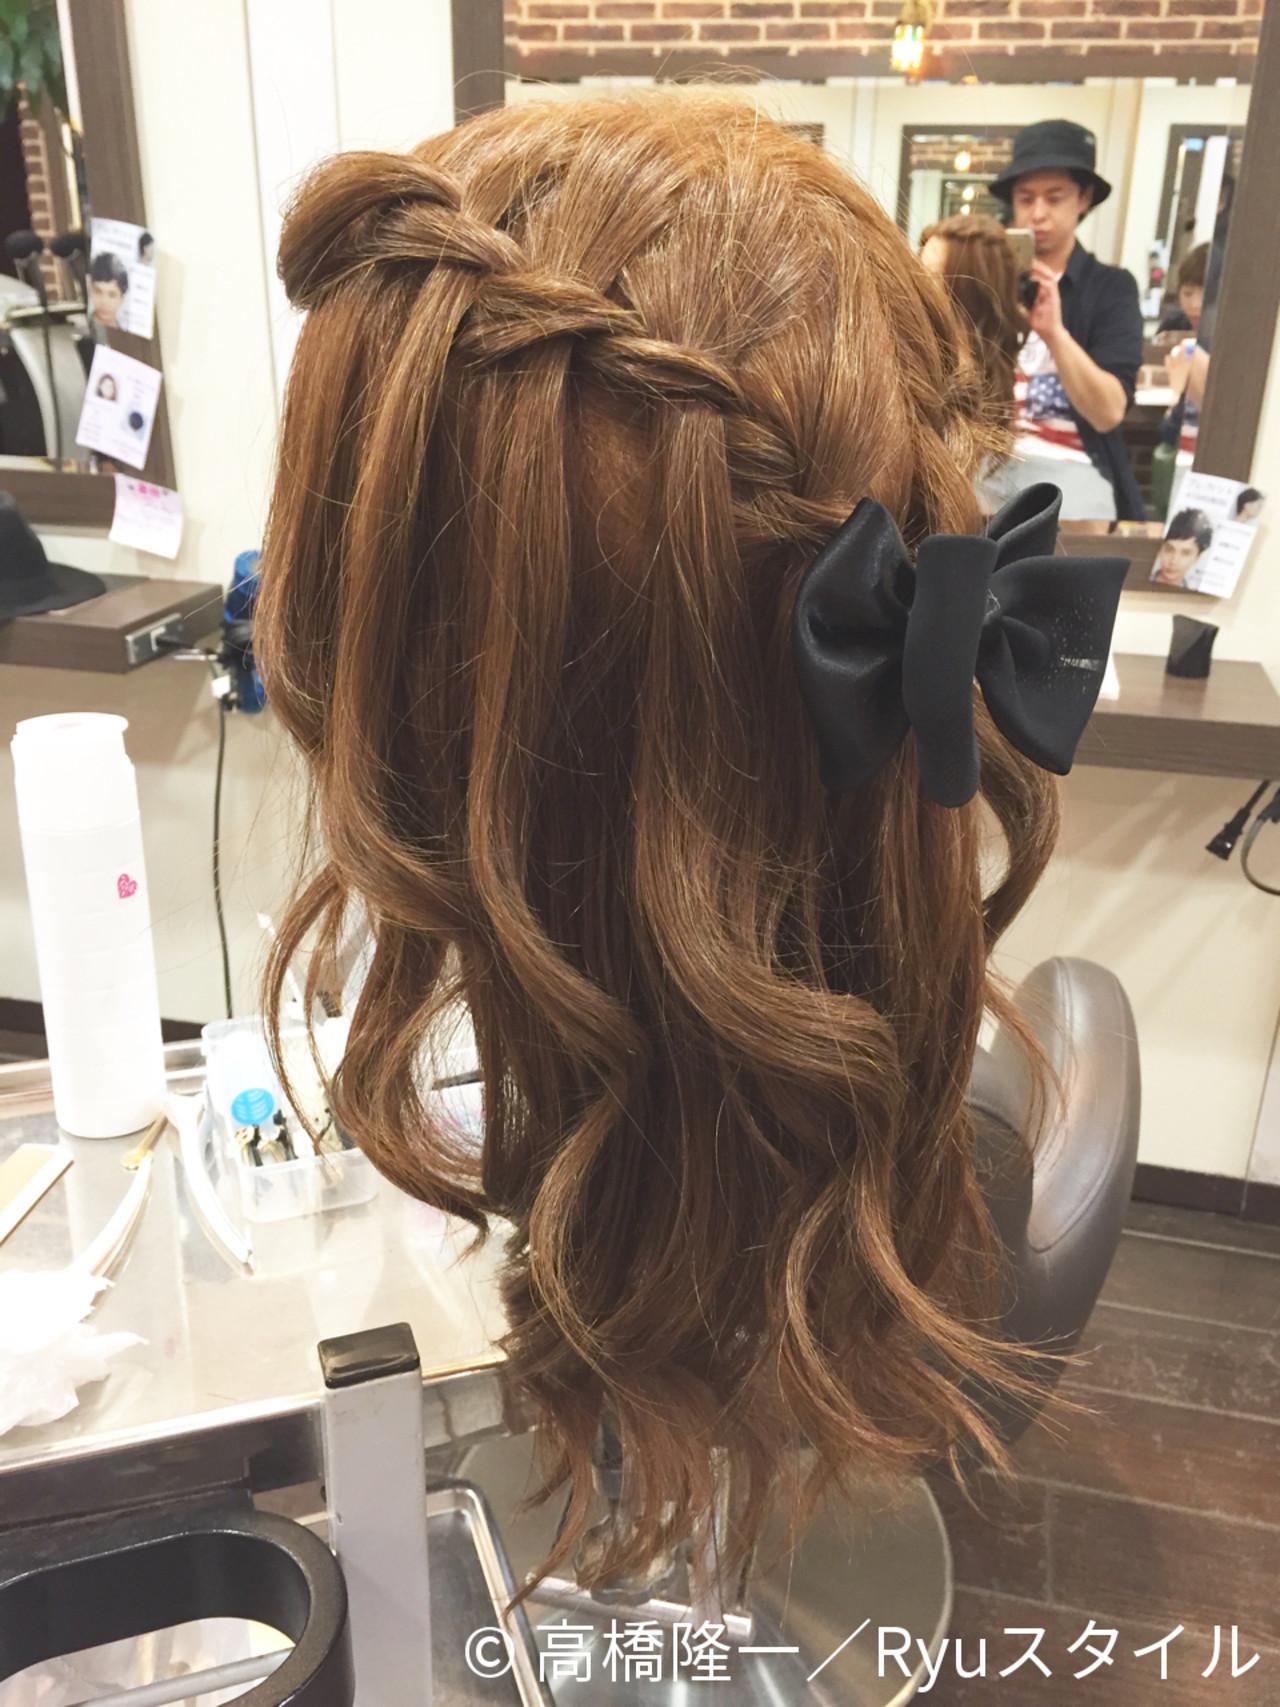 簡単ヘアアレンジ 大人かわいい ゆるふわ ハーフアップ ヘアスタイルや髪型の写真・画像 | 高橋隆一/Ryuスタイル / hair&make  bis       group by ZEST